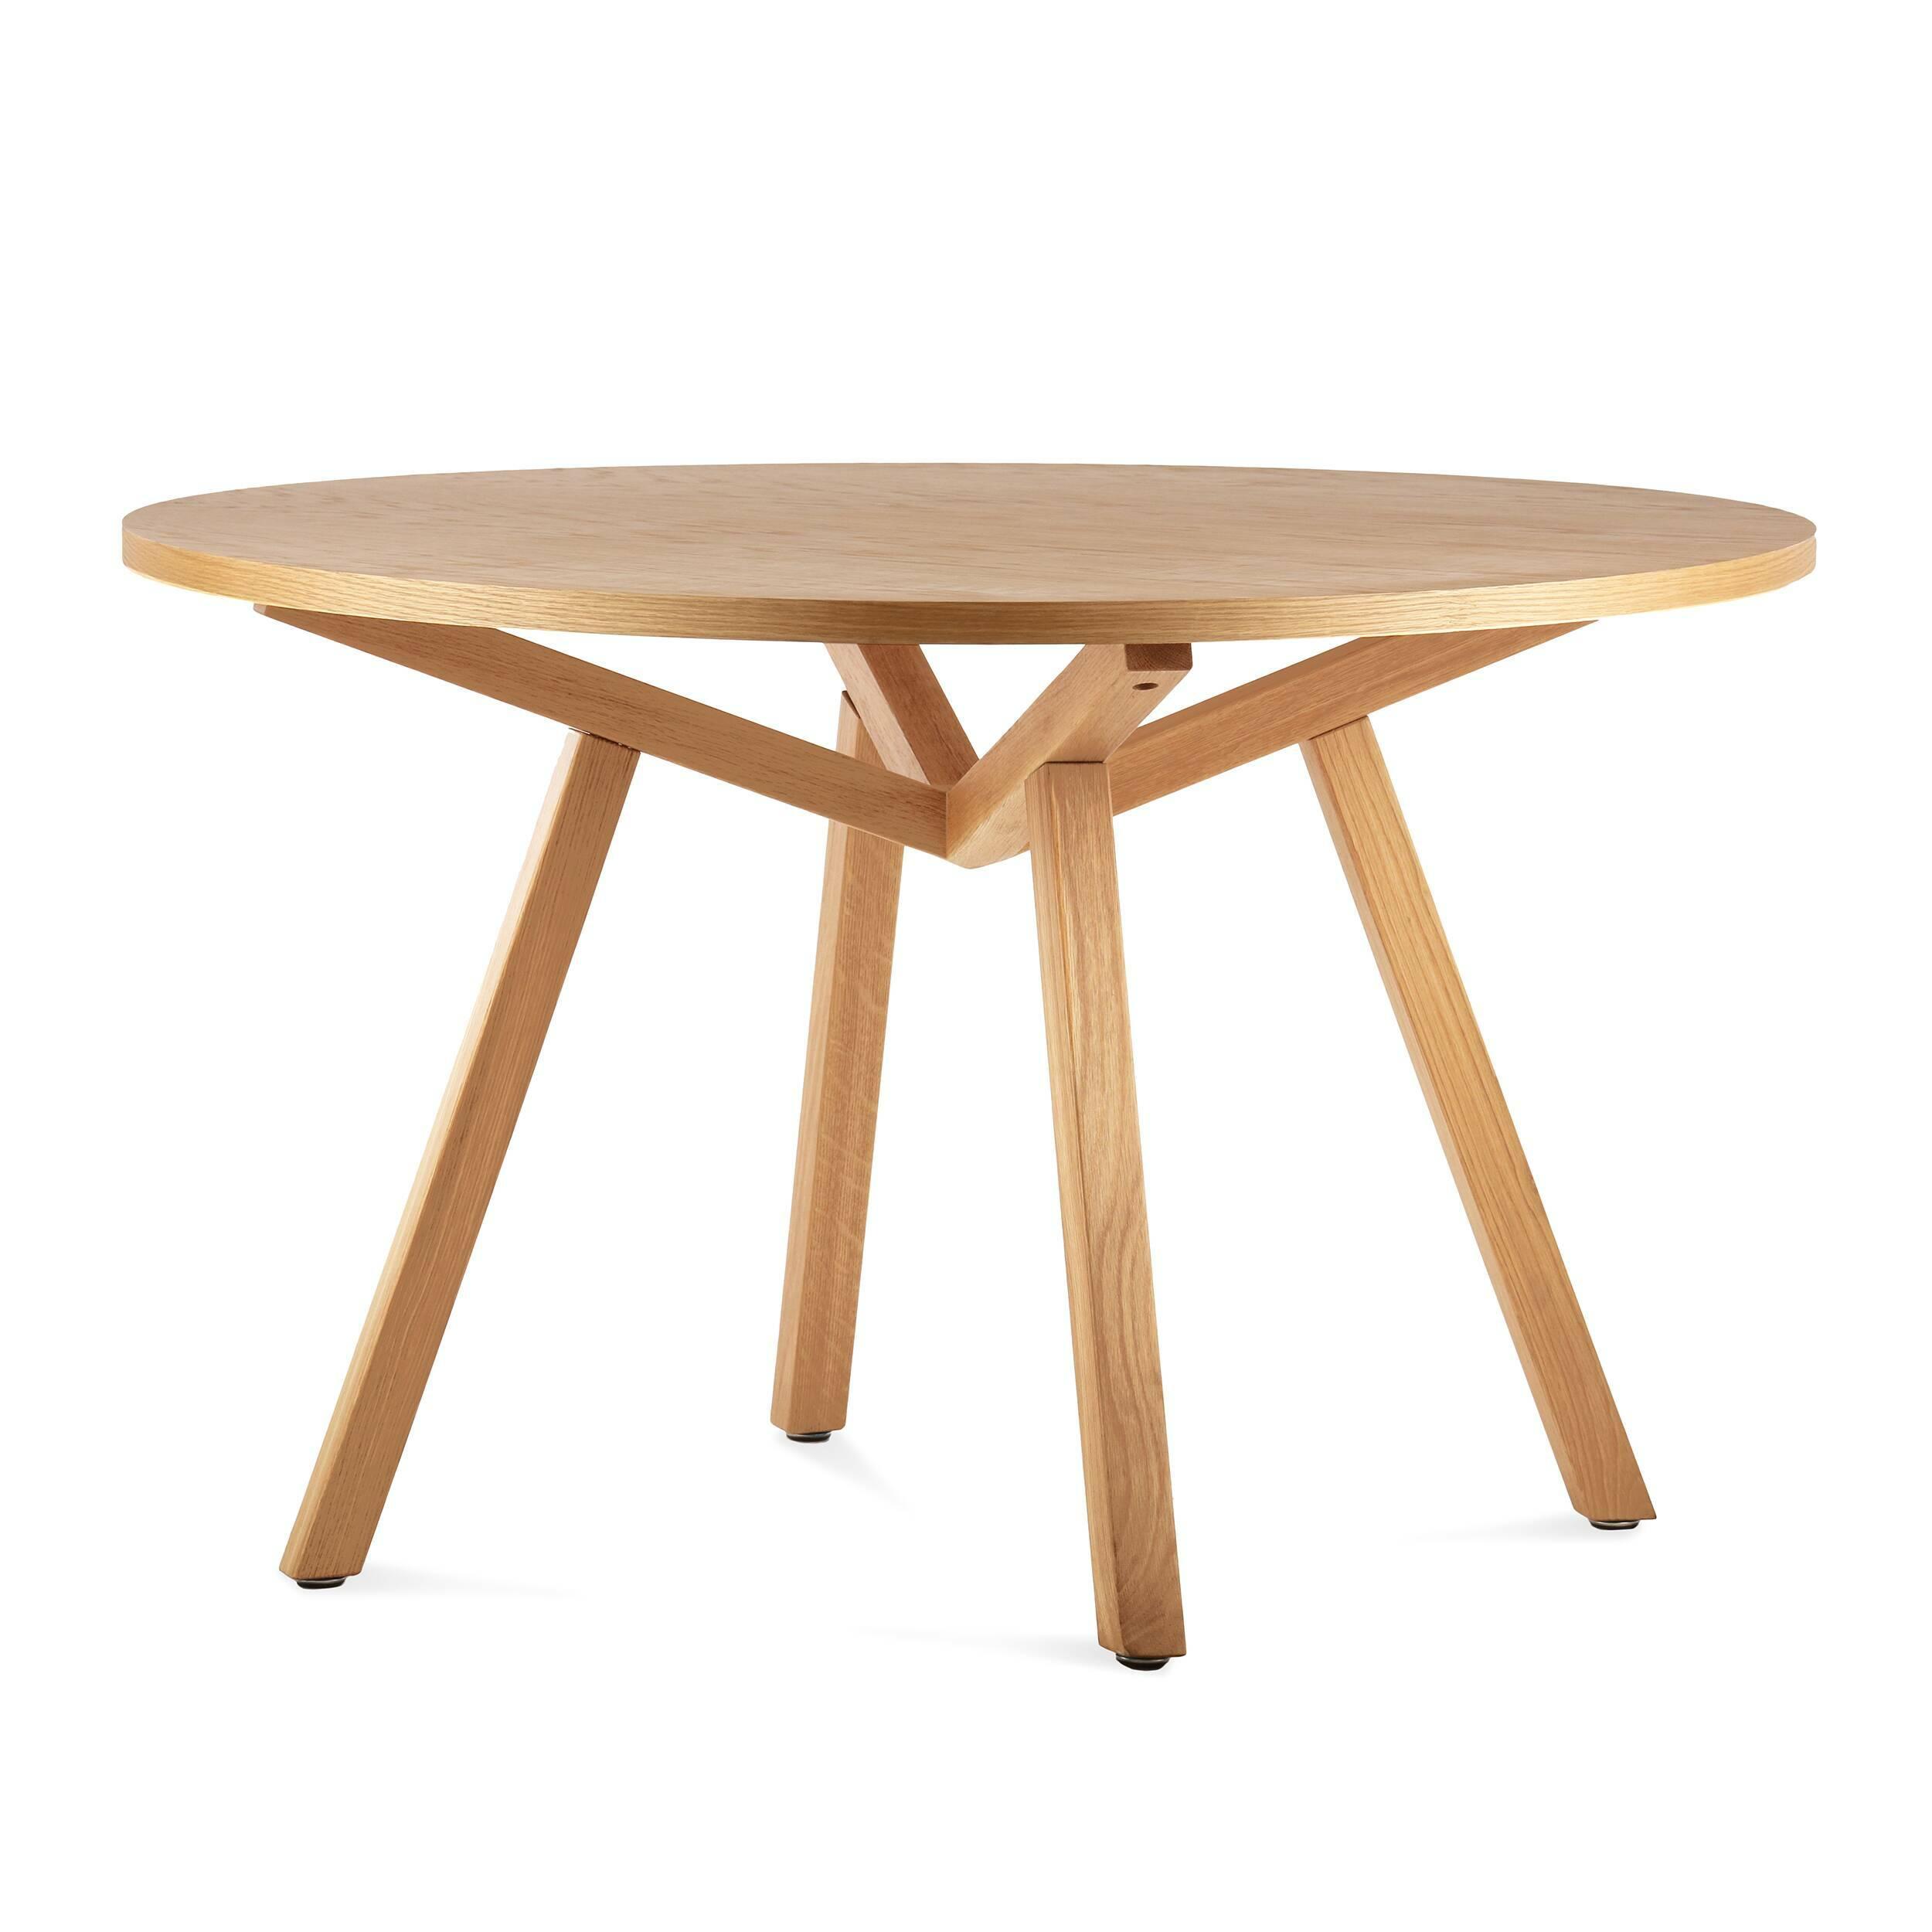 Обеденный стол Forte круглыйОбеденные<br>Дизайнерская круглый обеденный стол Forte (Форте) натурального цвета из дерева на четырех ножках от Cosmo (Космо).<br>         Американский дизайнер, путешественник и человек мира Шон Дикс успел пожить на Фиджи, в Микронезии и на Филиппинах, перед тем как переехать в Сан-Диего, Чикаго, а затем Европу и Гонконг. Его студии — в Милане и Гонконге, а среди его знаменитых клиентов Moschino, Harrods, Bosco di Ciliegi и La Scala. Что же привлекает их всех? Секрет Шона прост: он делает мебель, которая ...<br><br>stock: 0<br>Высота: 74<br>Диаметр: 120<br>Цвет ножек: Светло-коричневый<br>Цвет столешницы: Светло-коричневый<br>Материал ножек: Массив дуба<br>Материал столешницы: Фанера, шпон дуба<br>Тип материала столешницы: Фанера<br>Тип материала ножек: Дерево